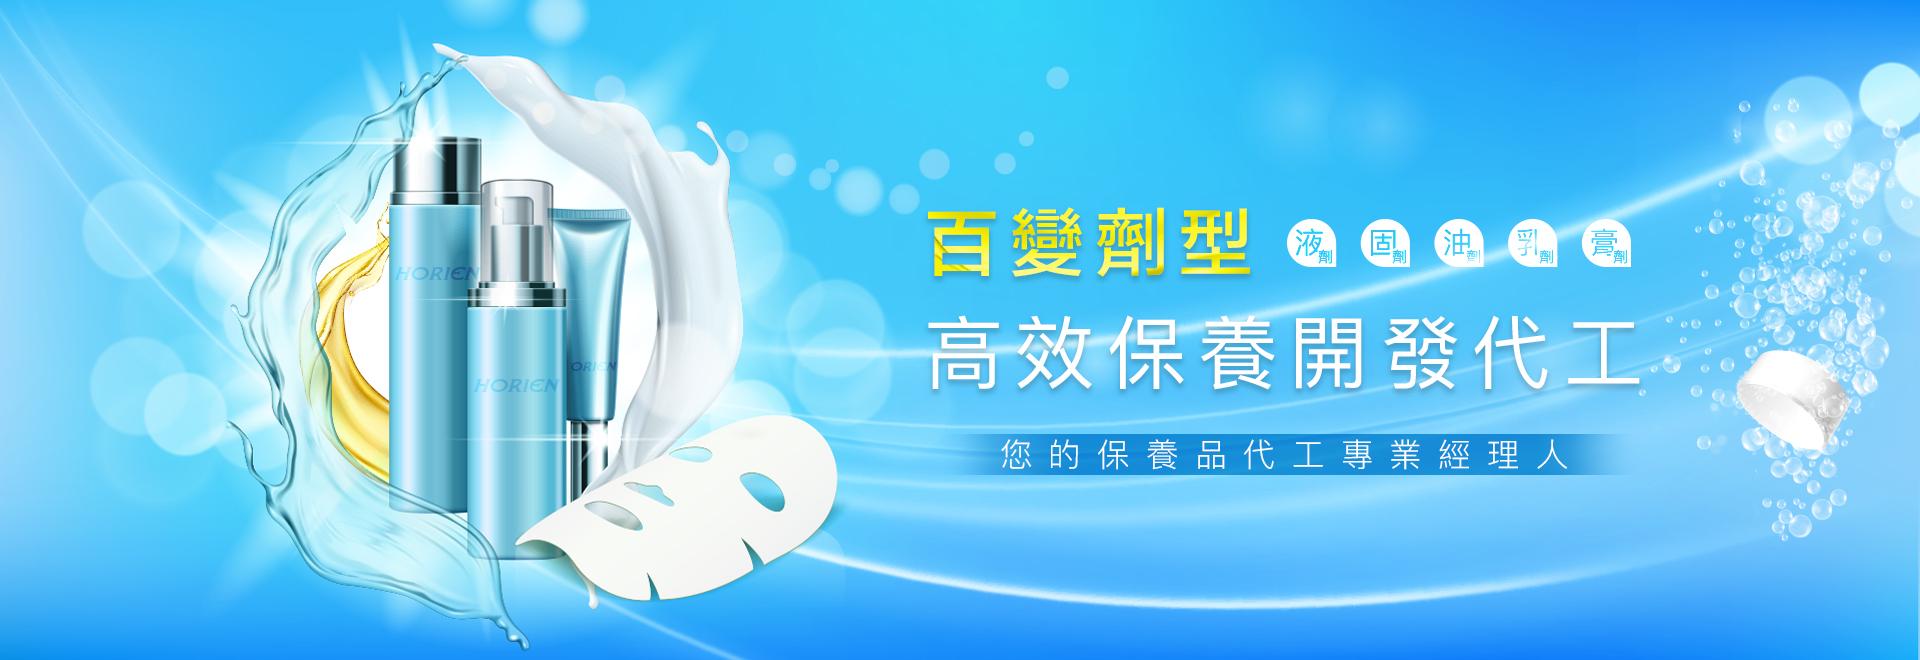 海昌國際保養品代工專家,乳劑,ISO22716認證